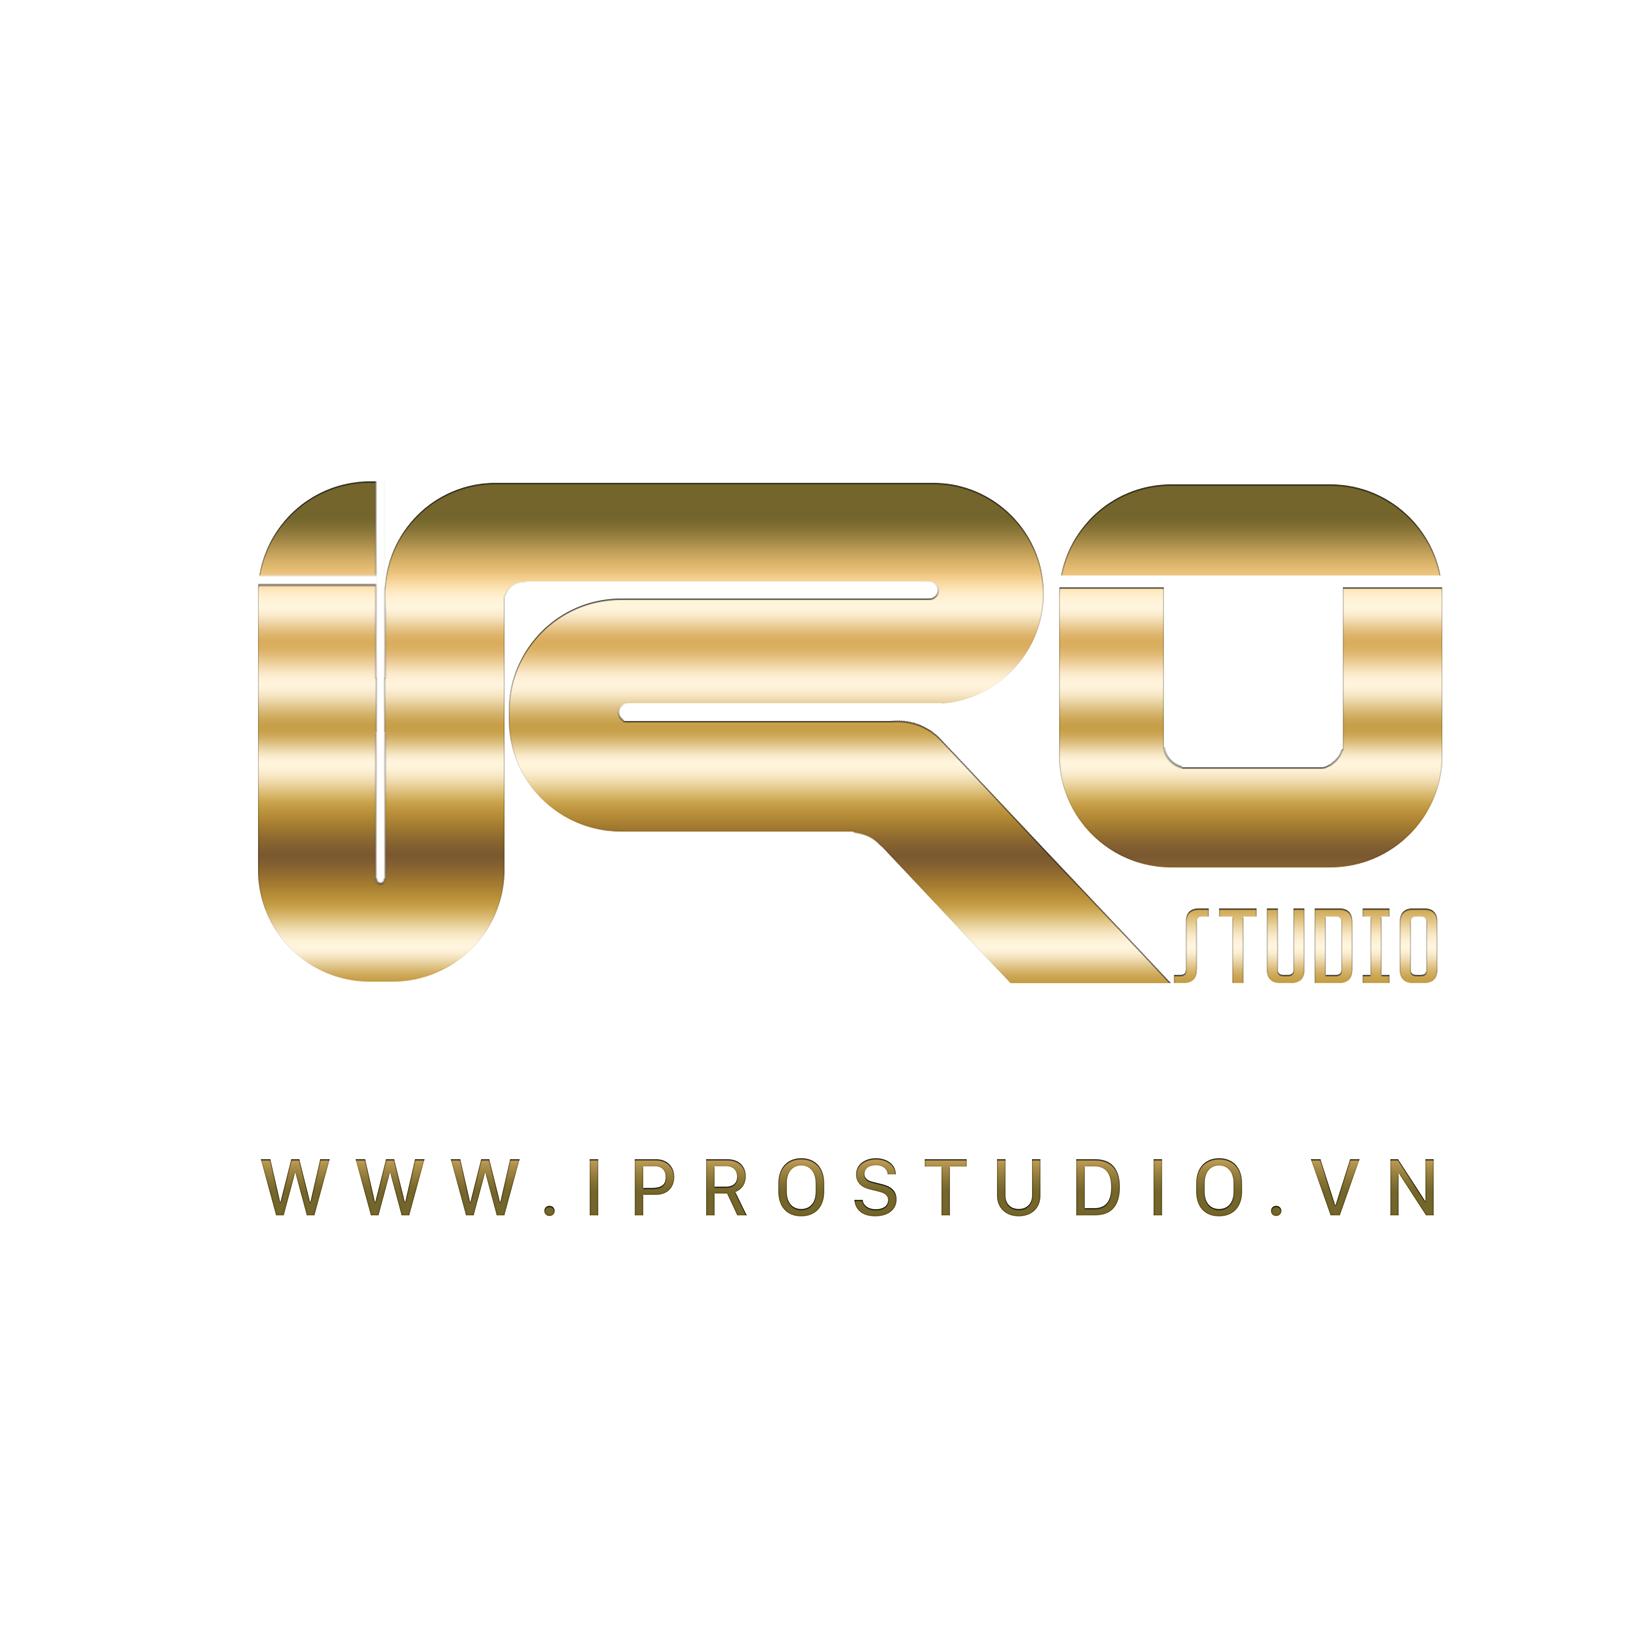 ipro studio